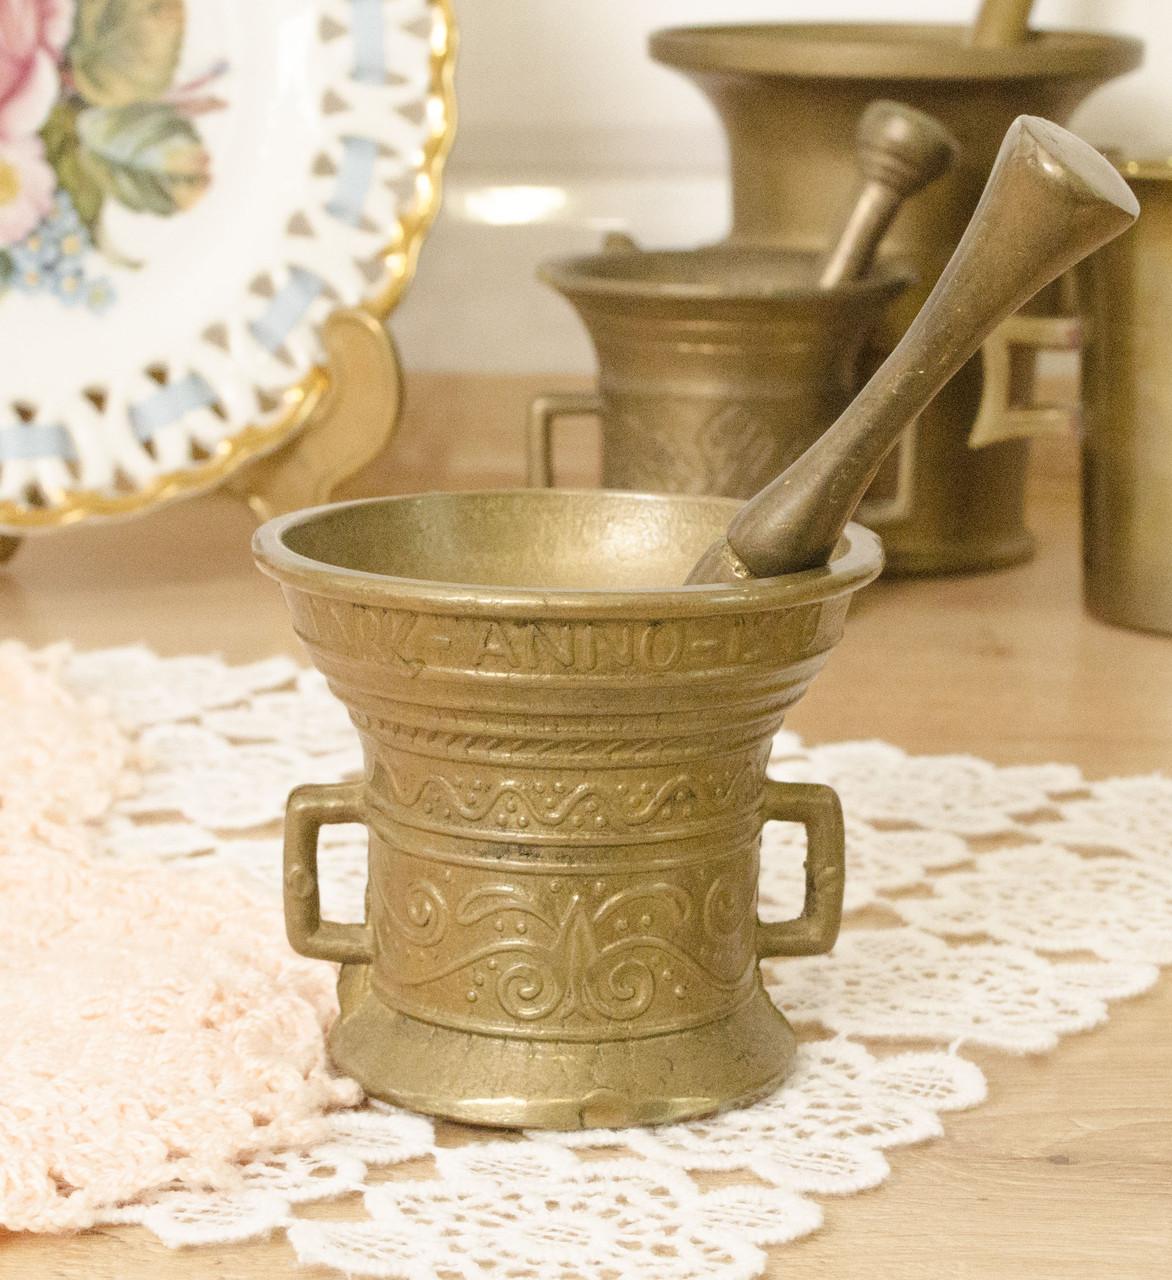 Старая бронзовая ступа, ступка для специй, с пестиком, бронза, Германия